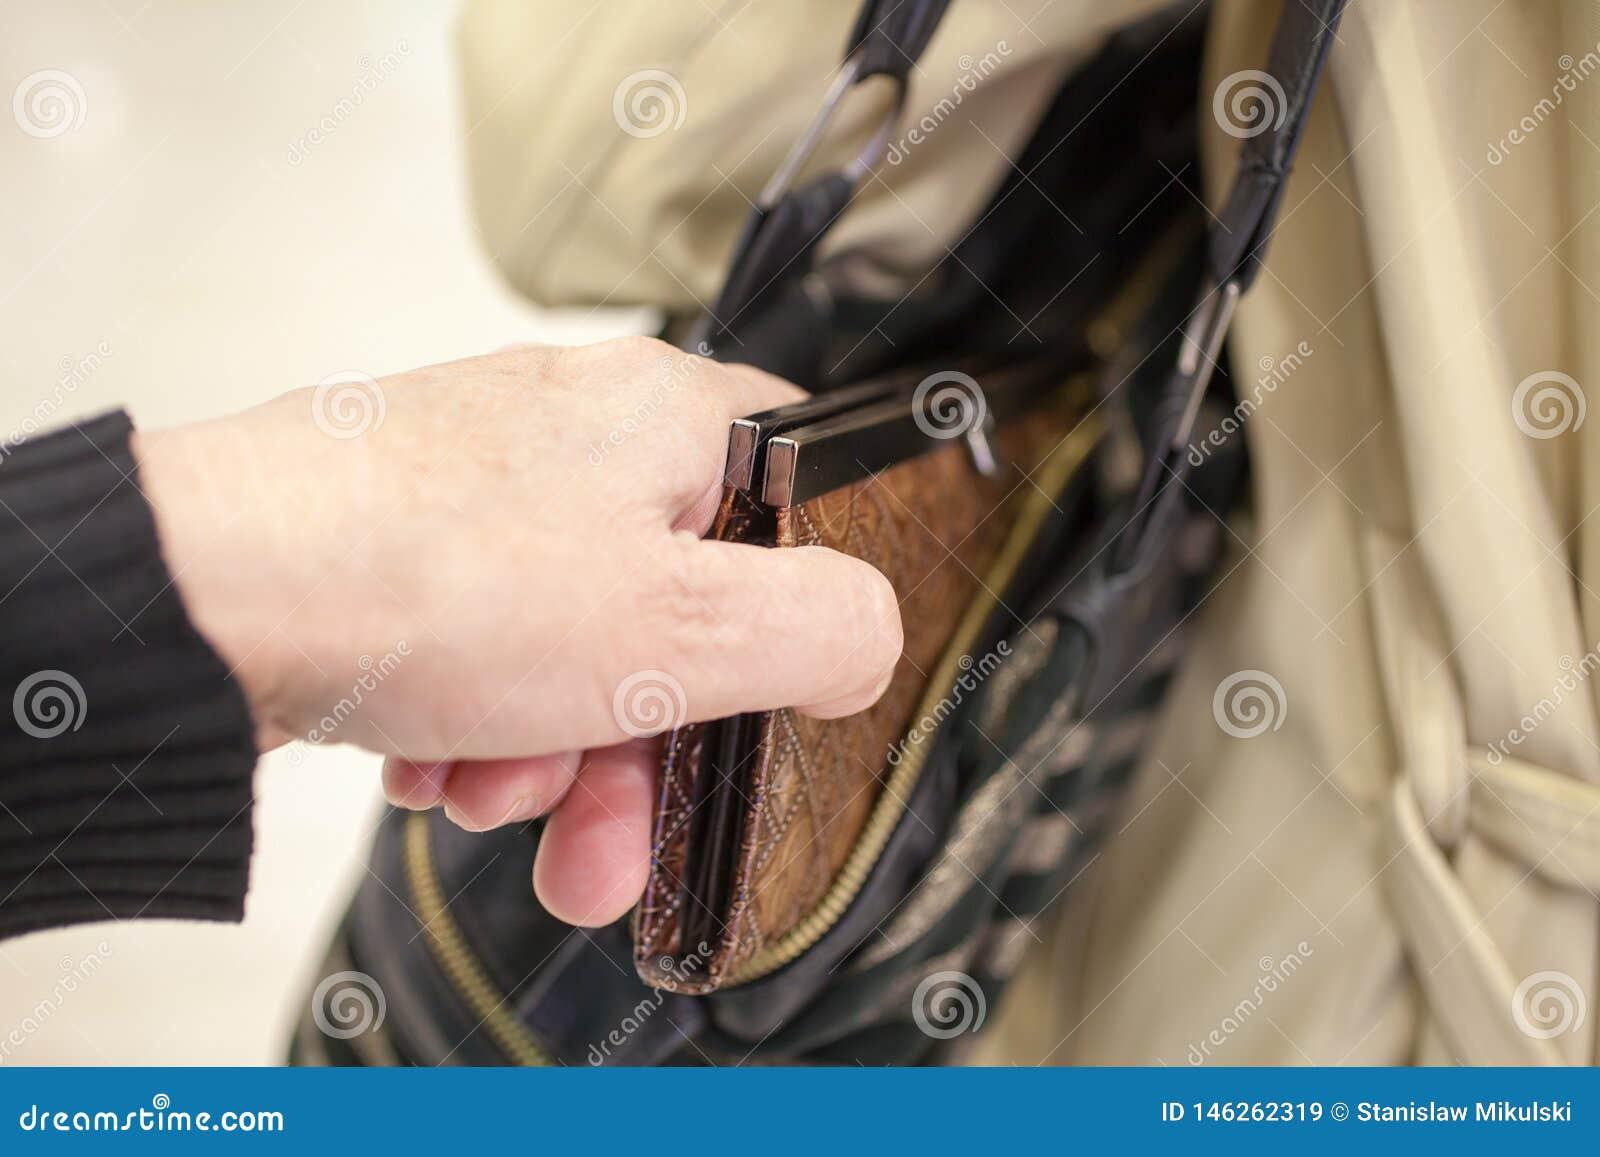 Taschendiebdieb stiehlt Geldbeutel von der Handtasche